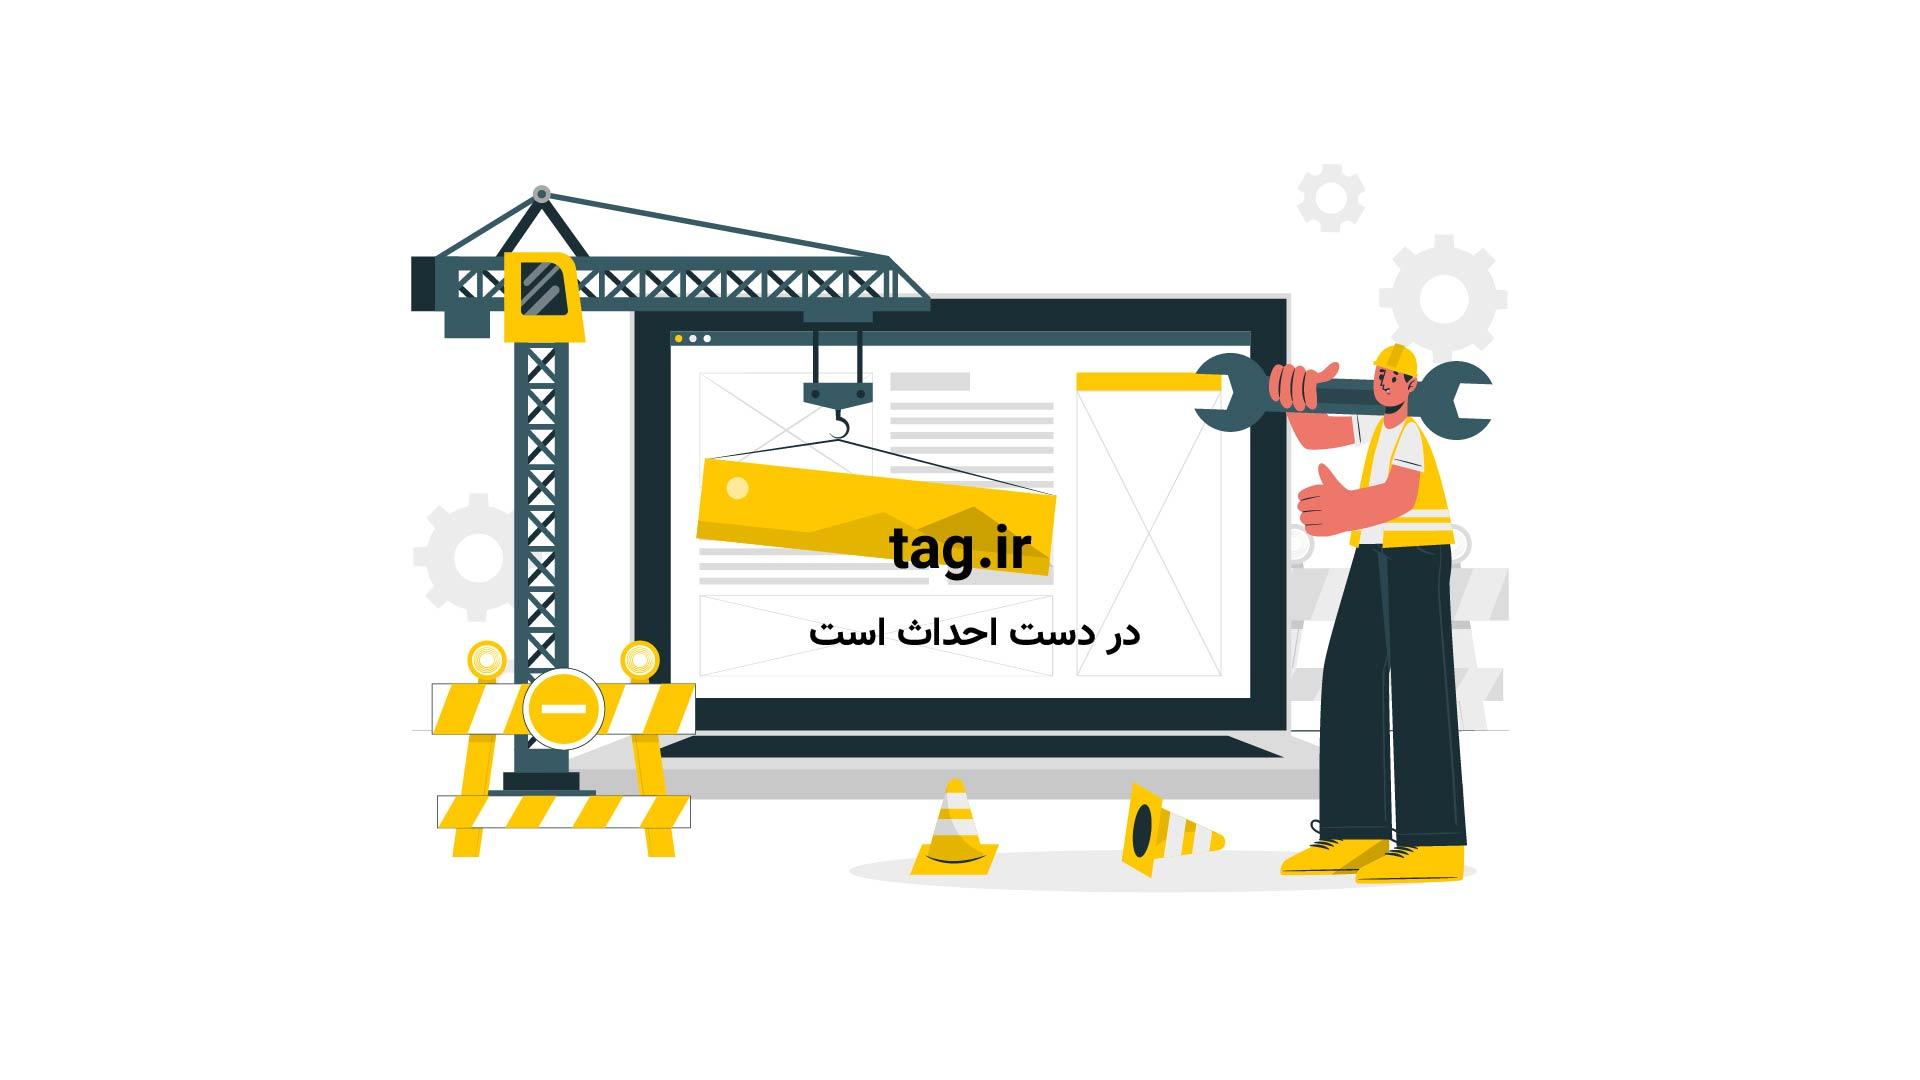 اسب وحشی | تگ